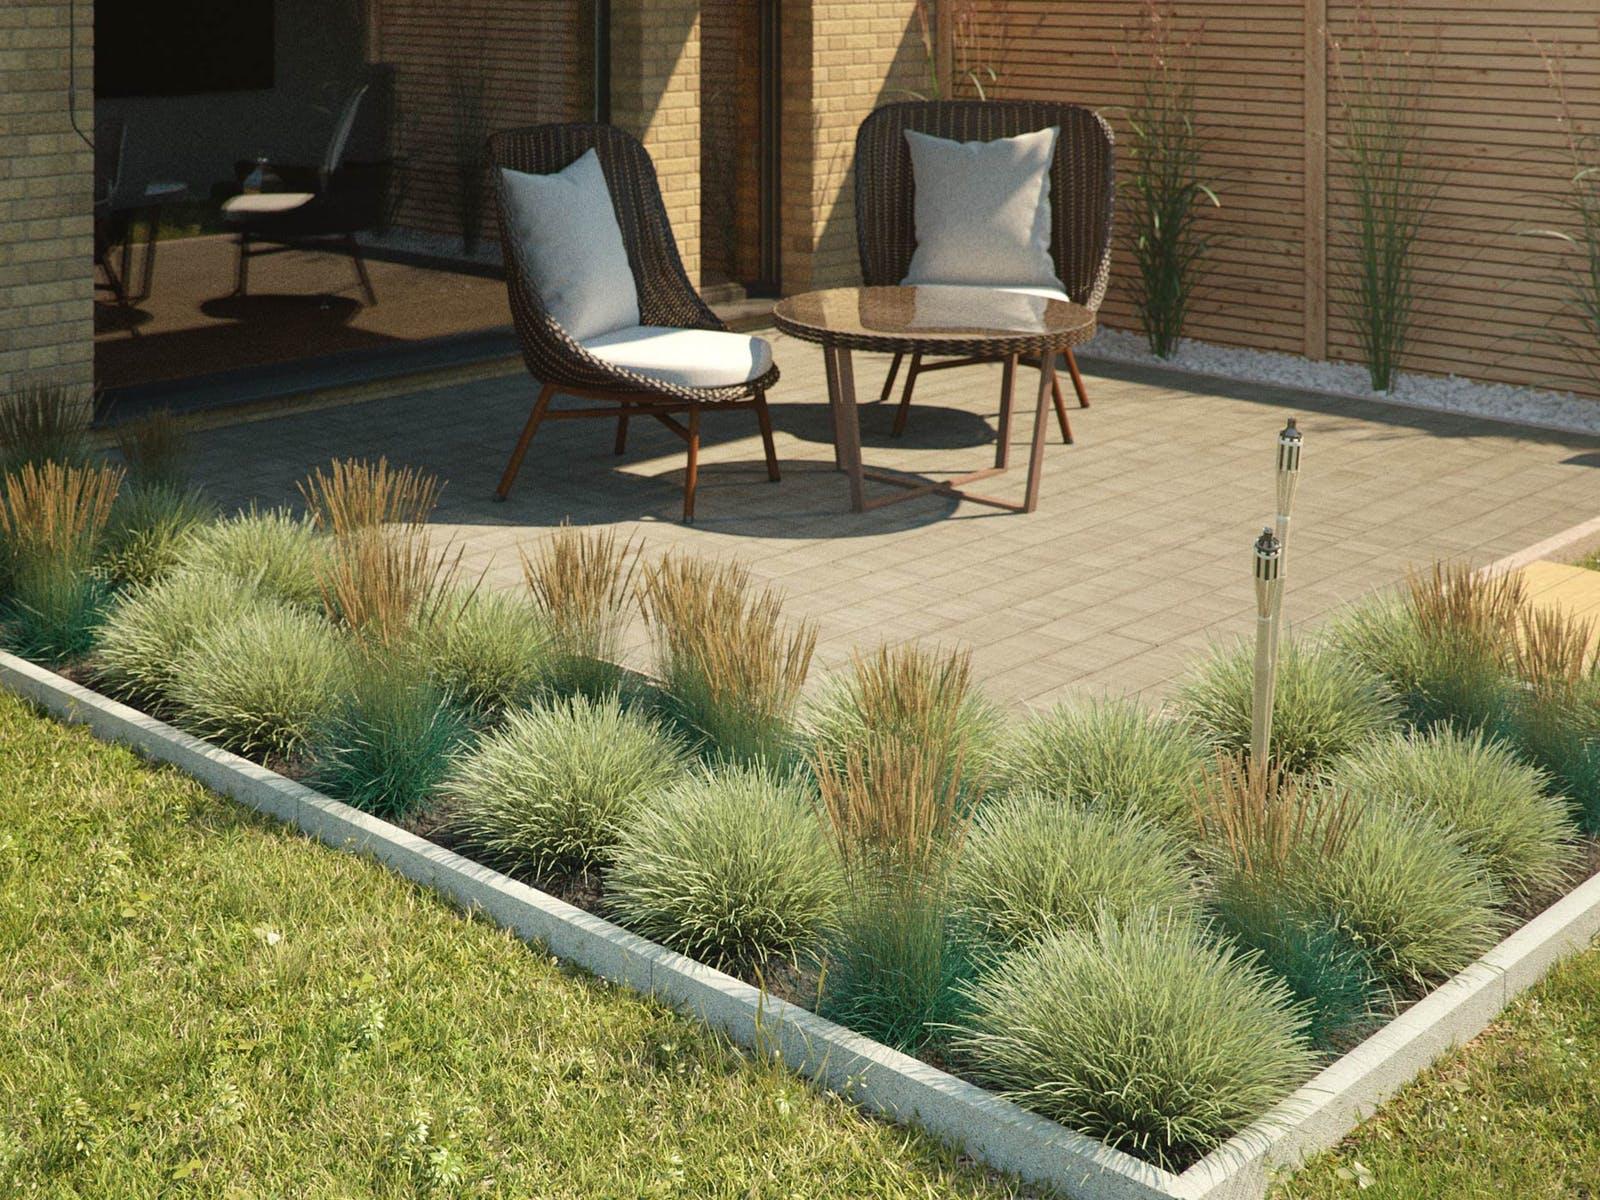 Terrasse Beet Einfassung Gartenmoebel Sichtschutz